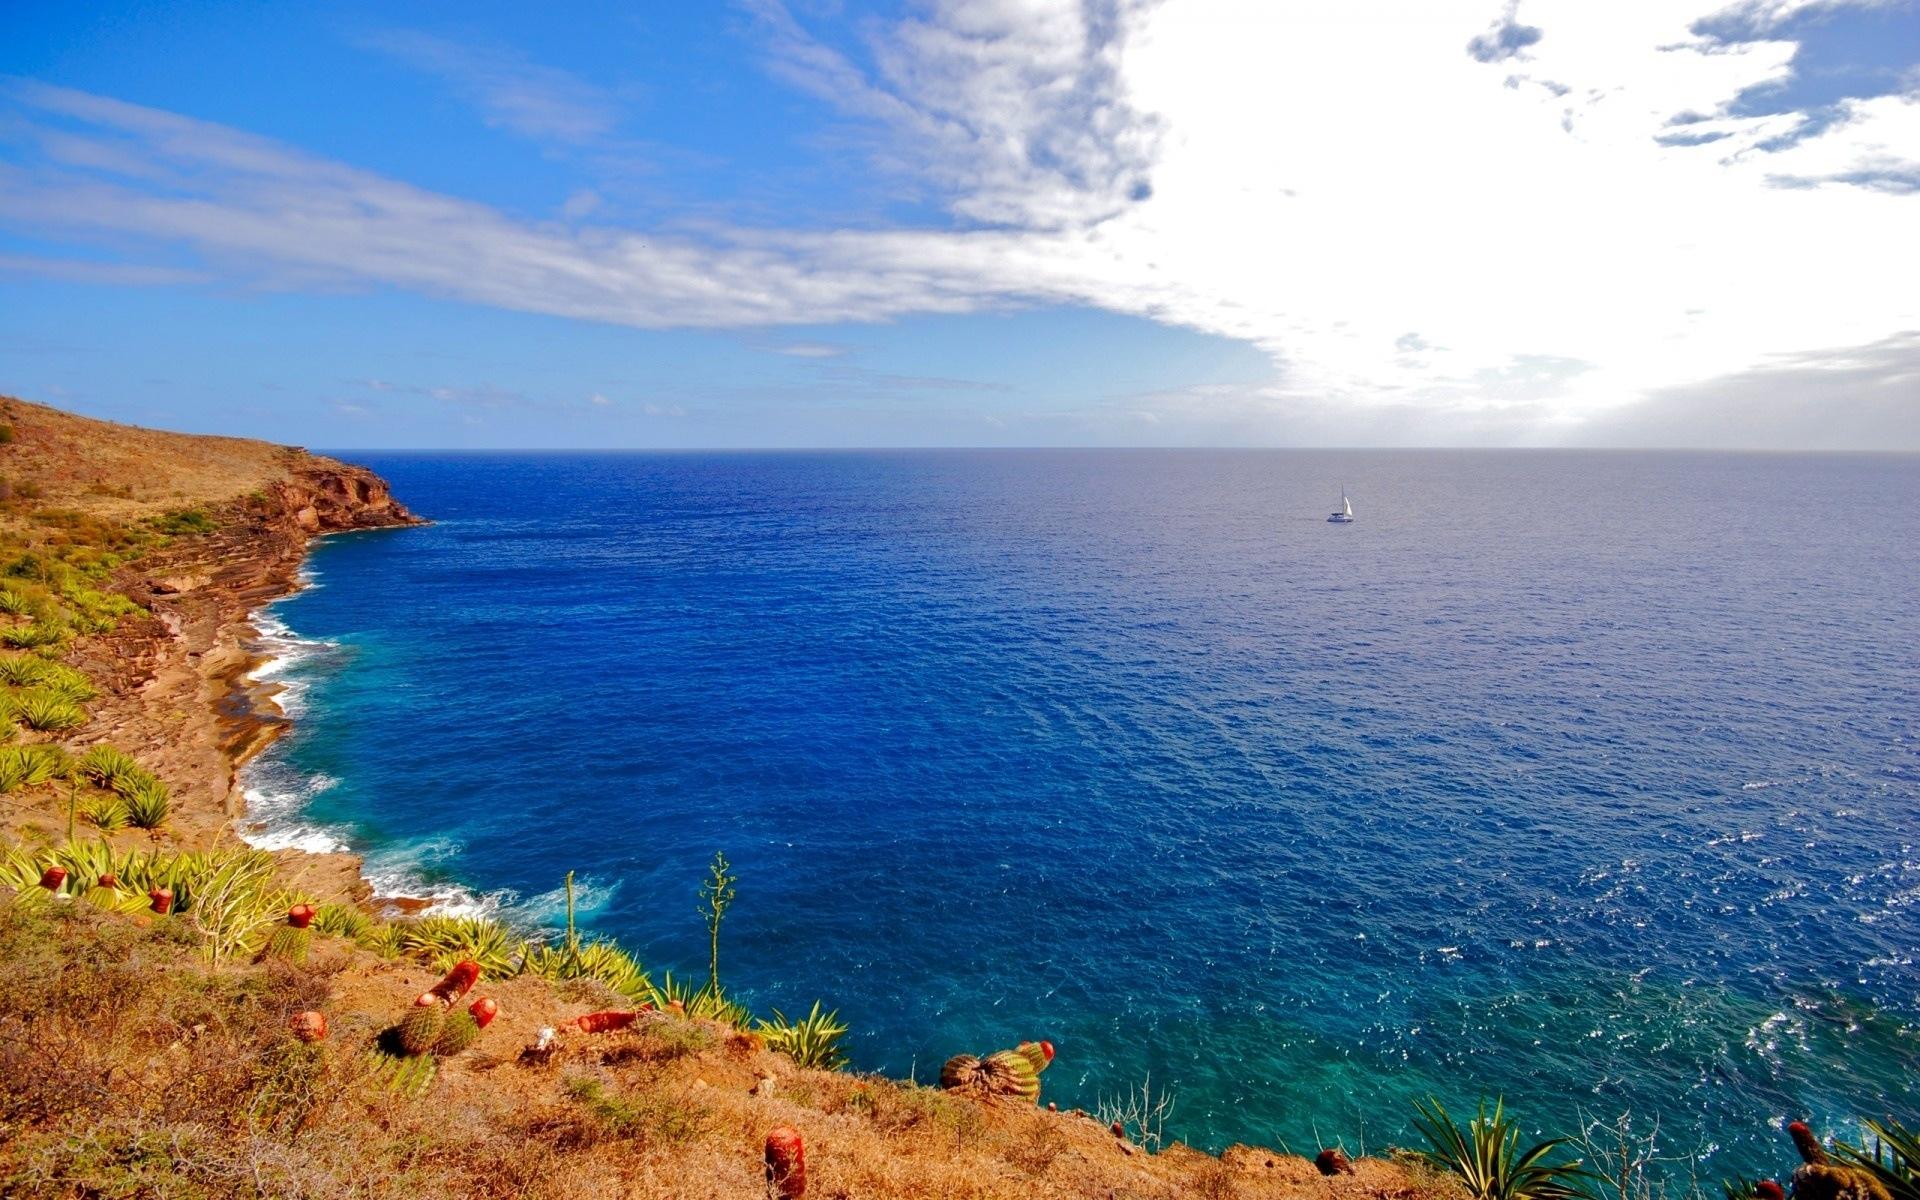 25119 скачать обои Пейзаж, Небо, Море, Волны - заставки и картинки бесплатно